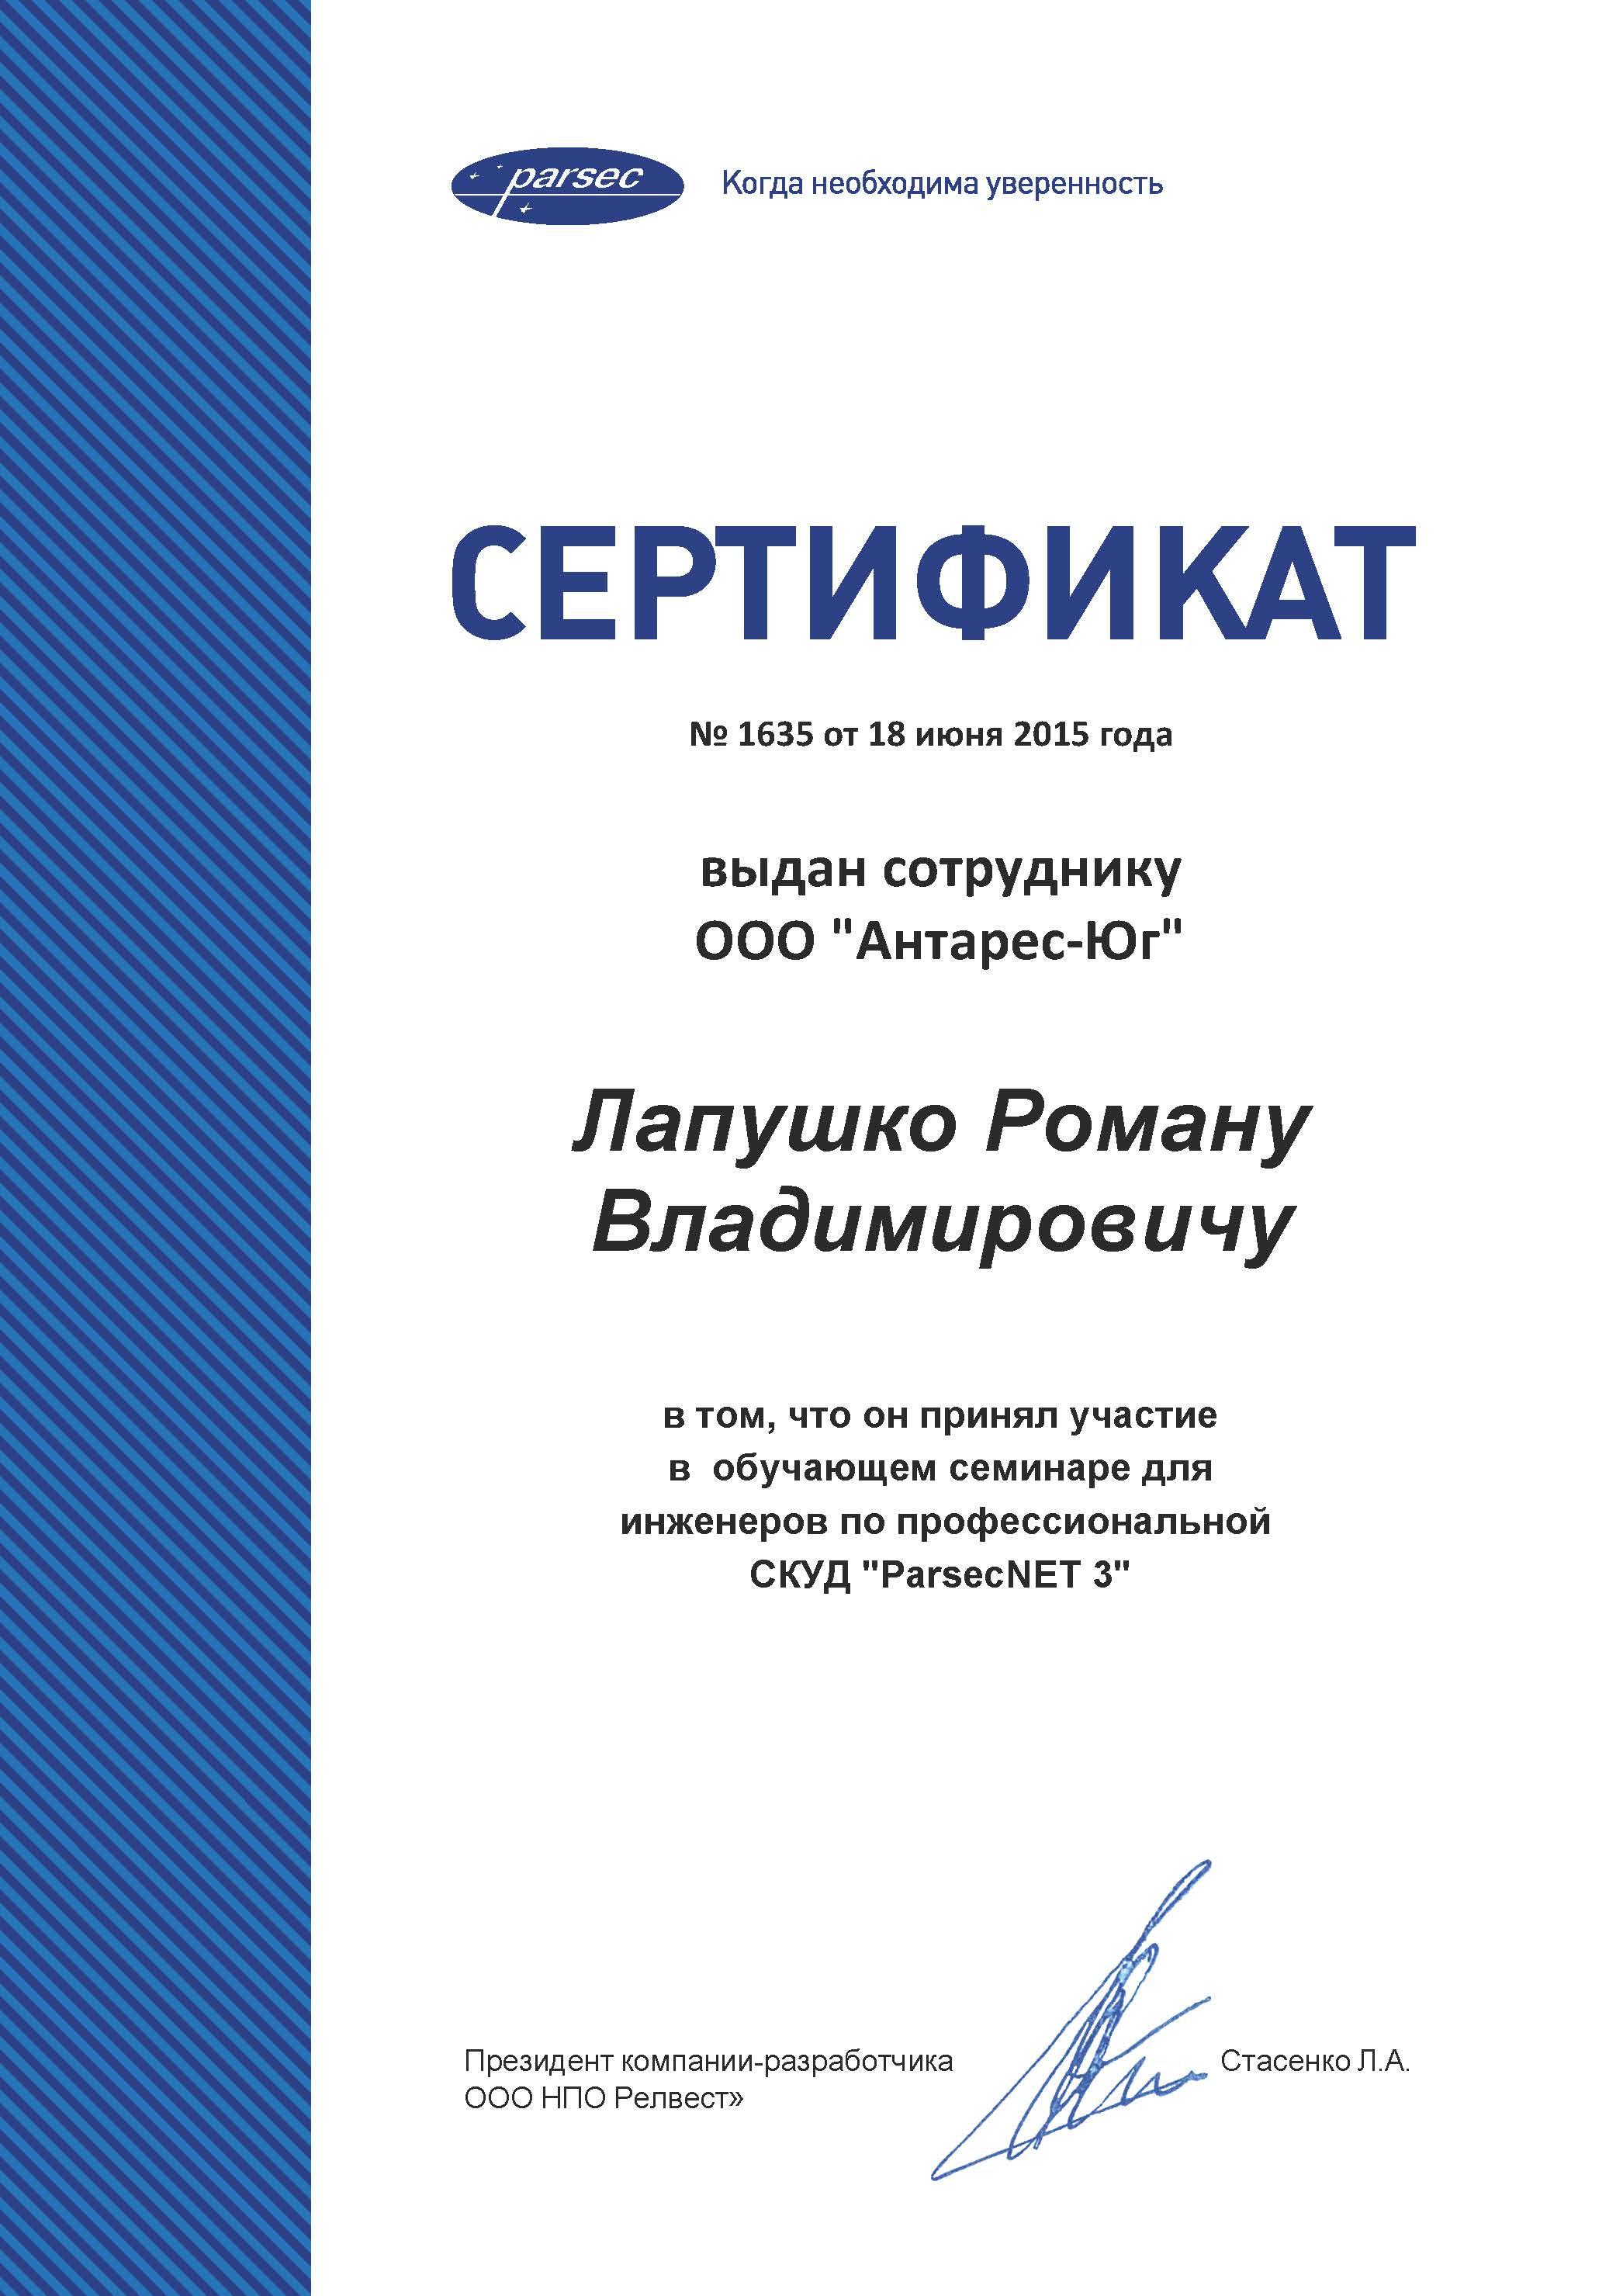 Сертификат о участии в обучающем семинаре для инженеров профессиональной СКУД Лапушко Р.В.